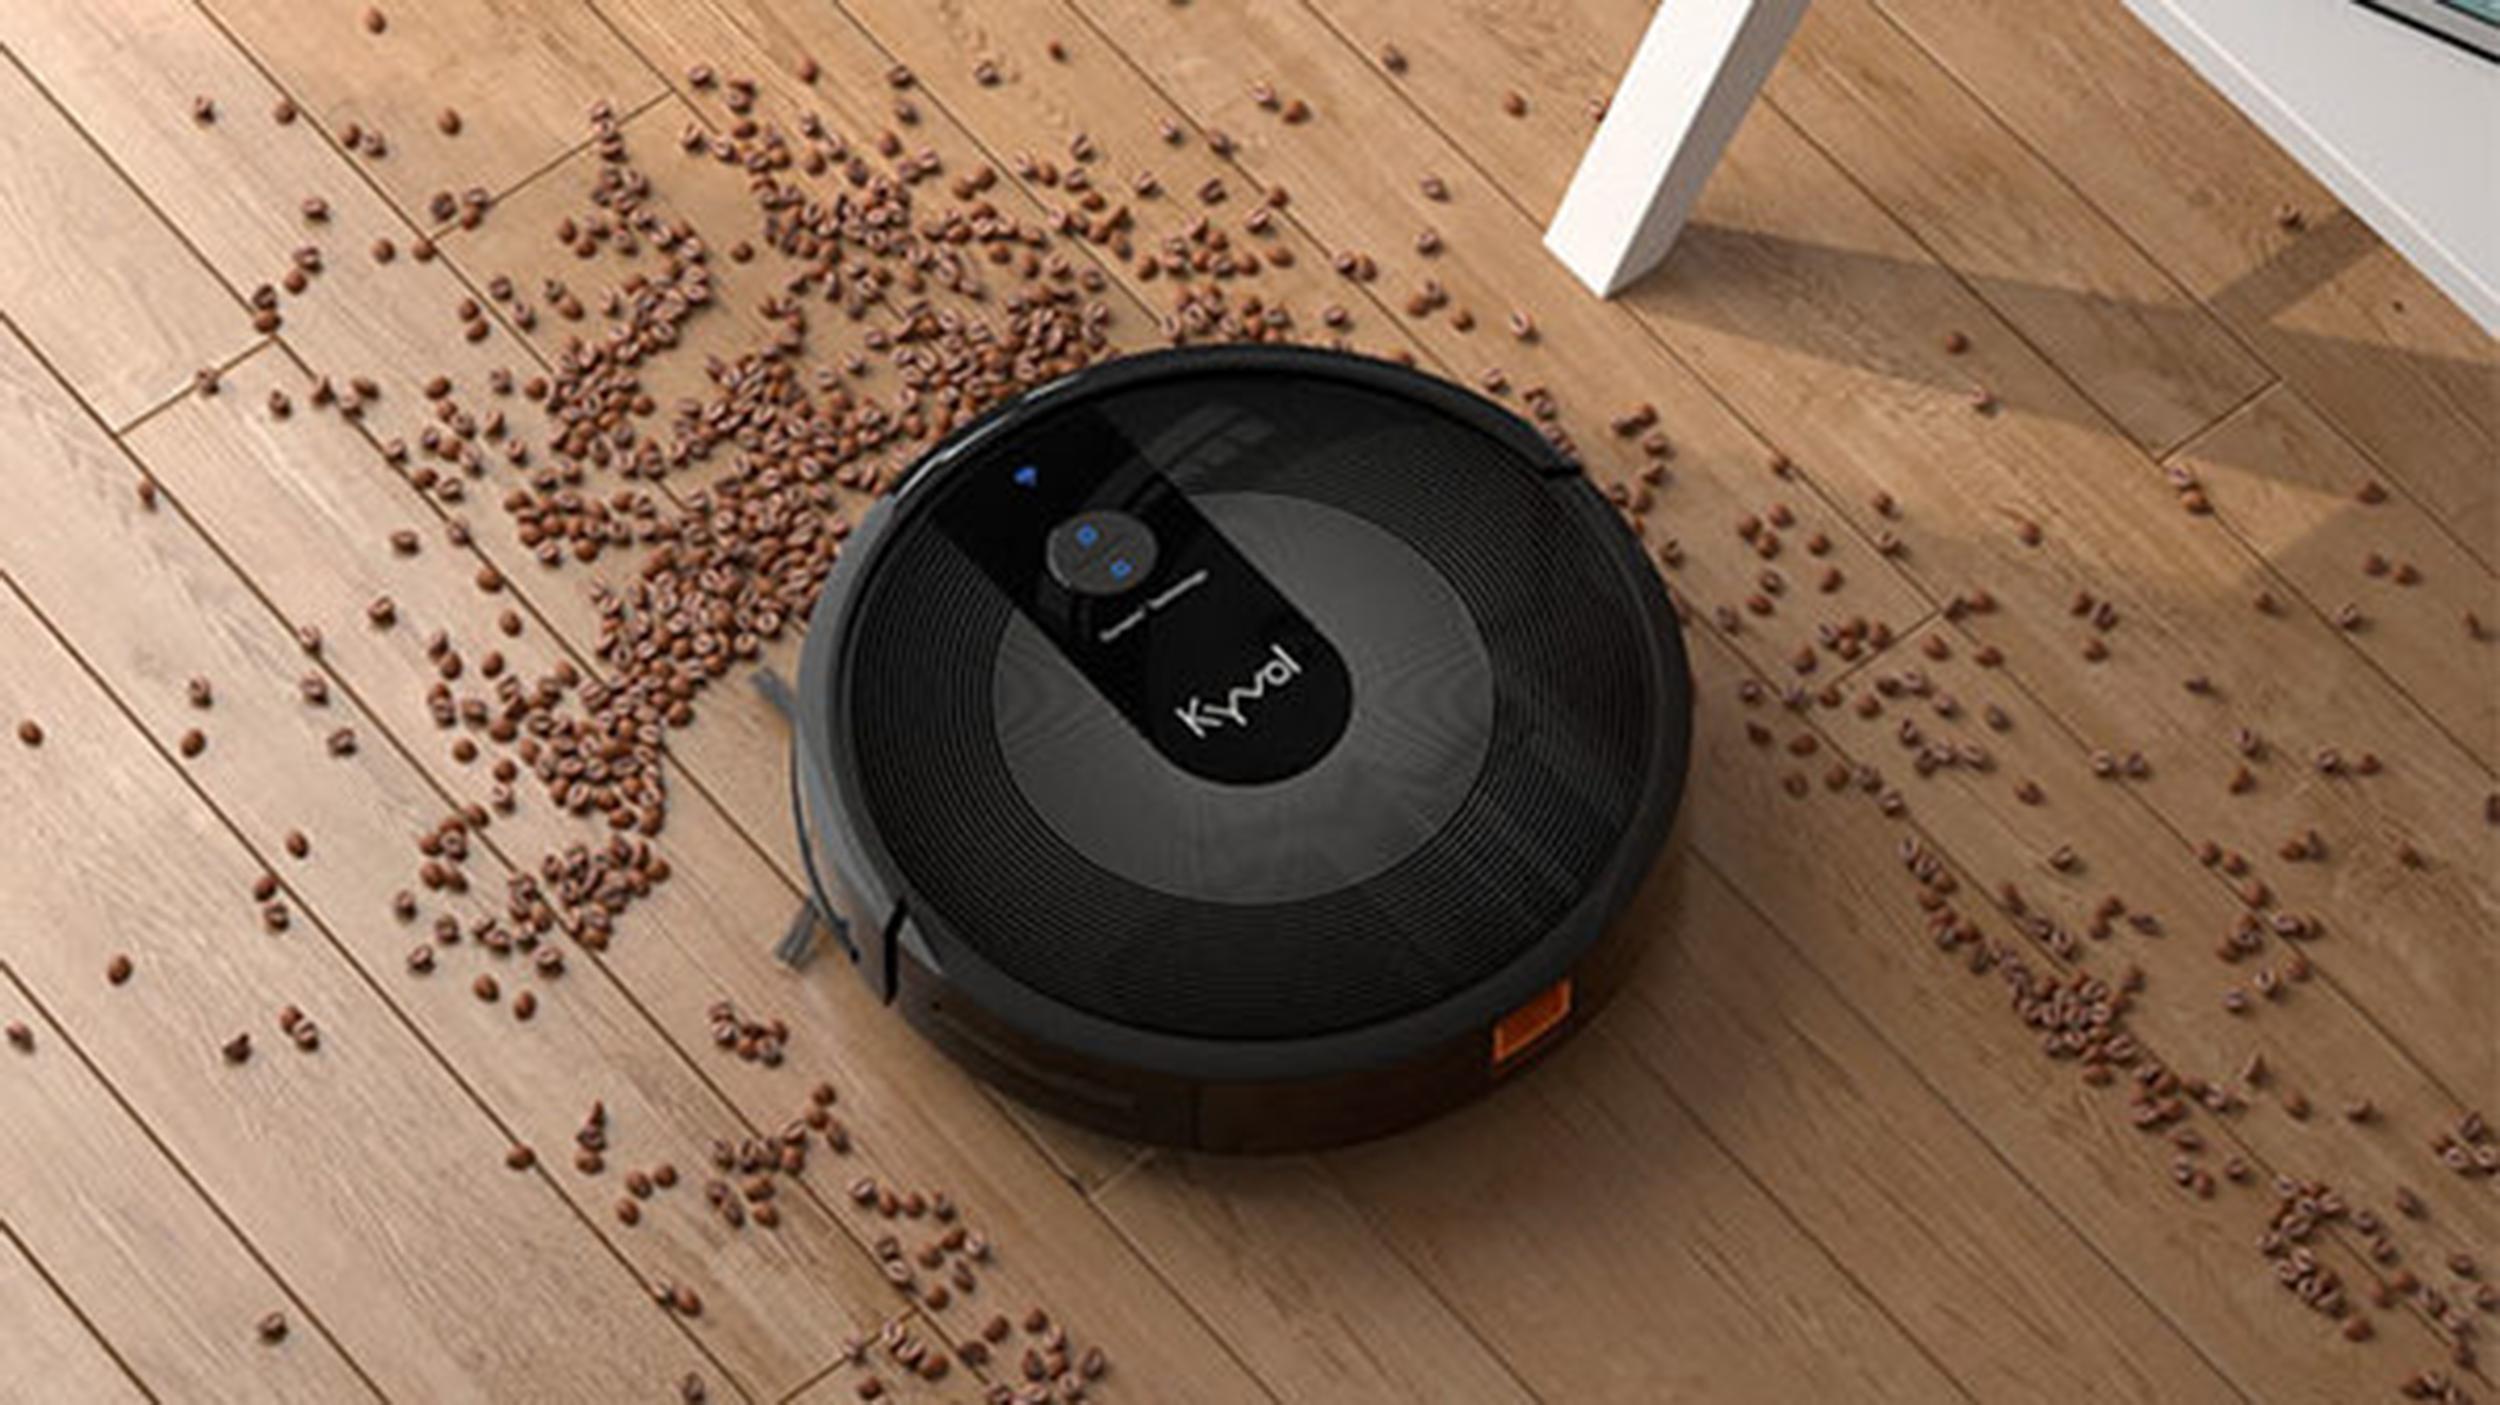 Những thiết bị nhà thông minh nào được đánh giá tốt nhất hiện nay? - Ảnh 2.